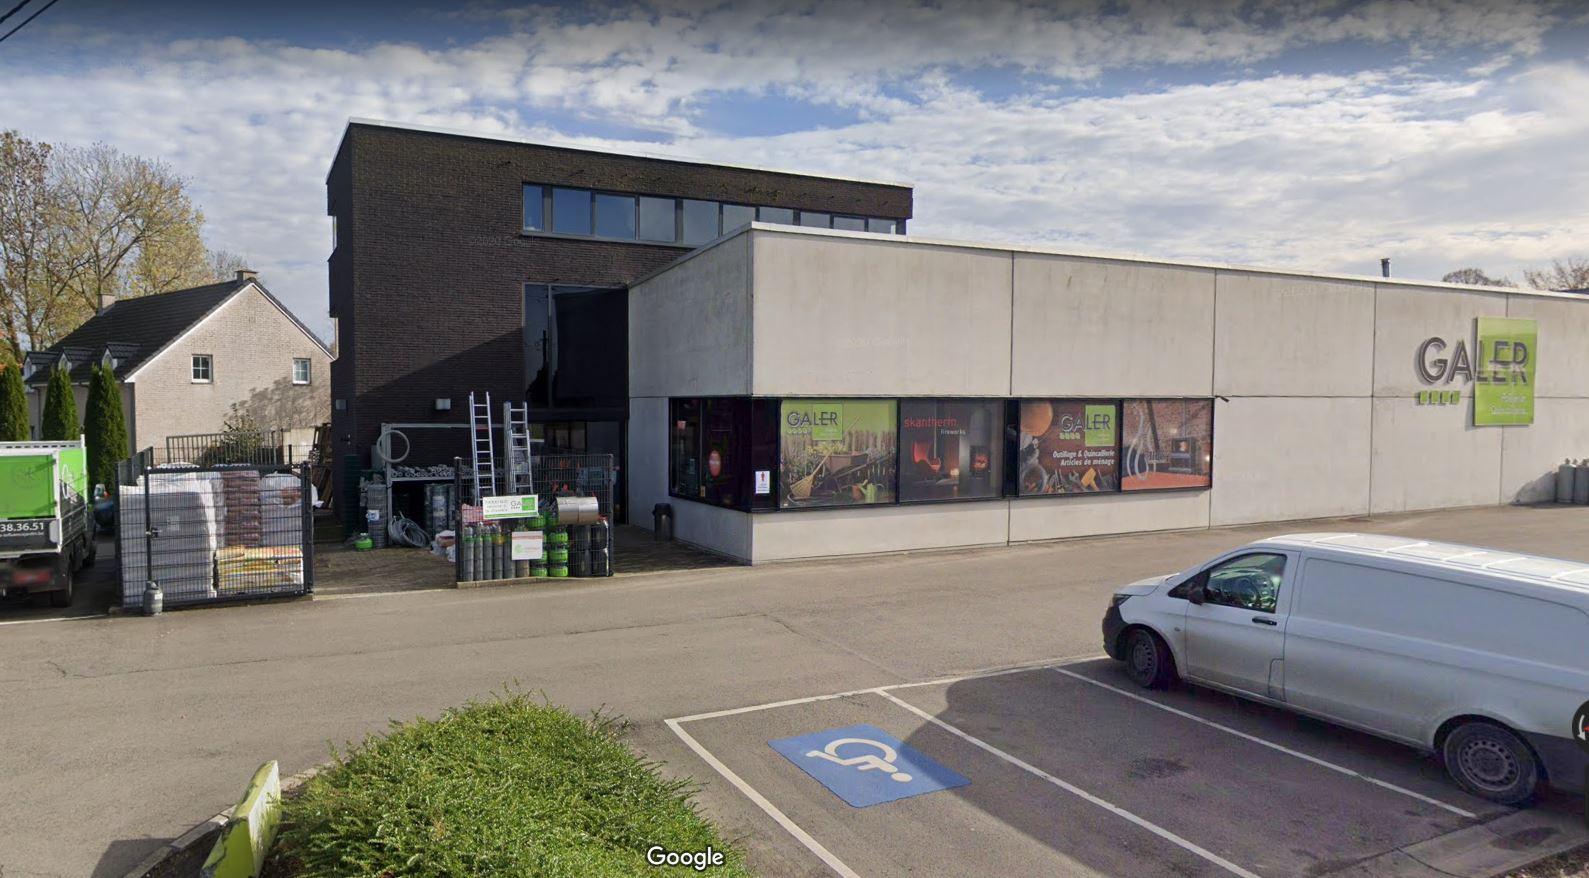 La Quincaillerie Galer ouvre une poêlerie à Namur